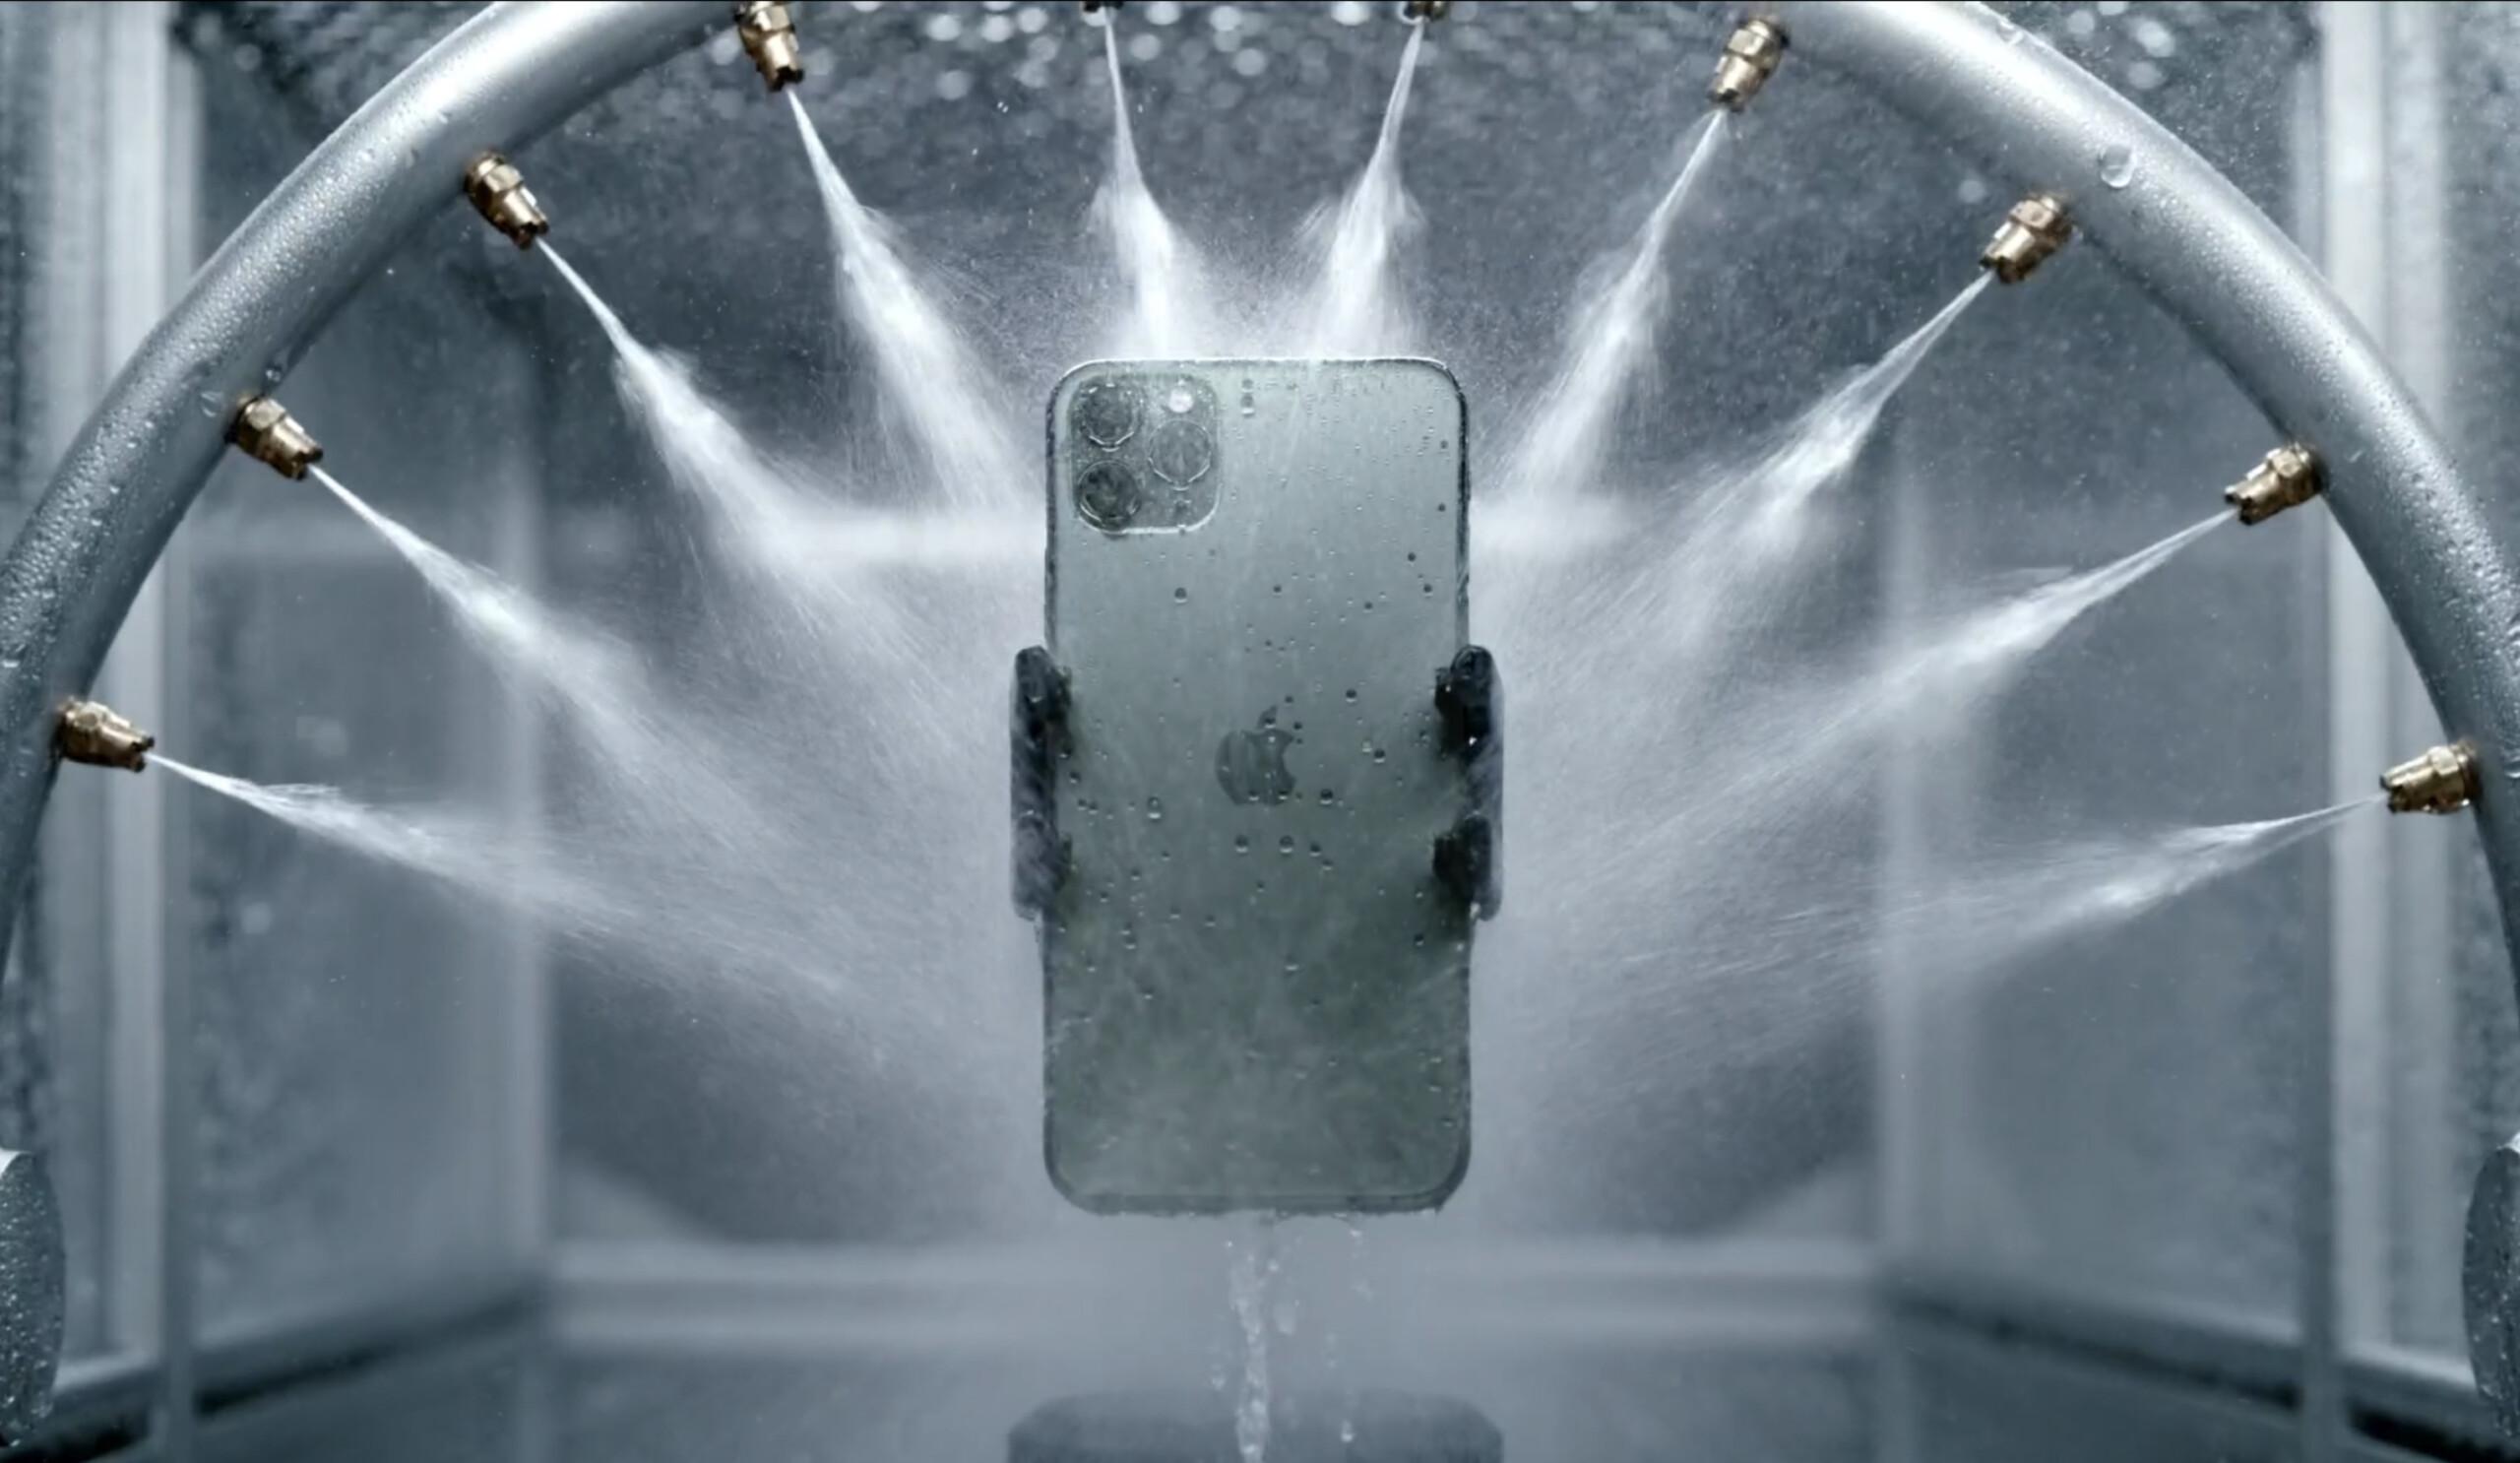 Apple condamné, course à la 5G lancée et Android11 chez Samsung – L'essentiel de l'actu de la semaine